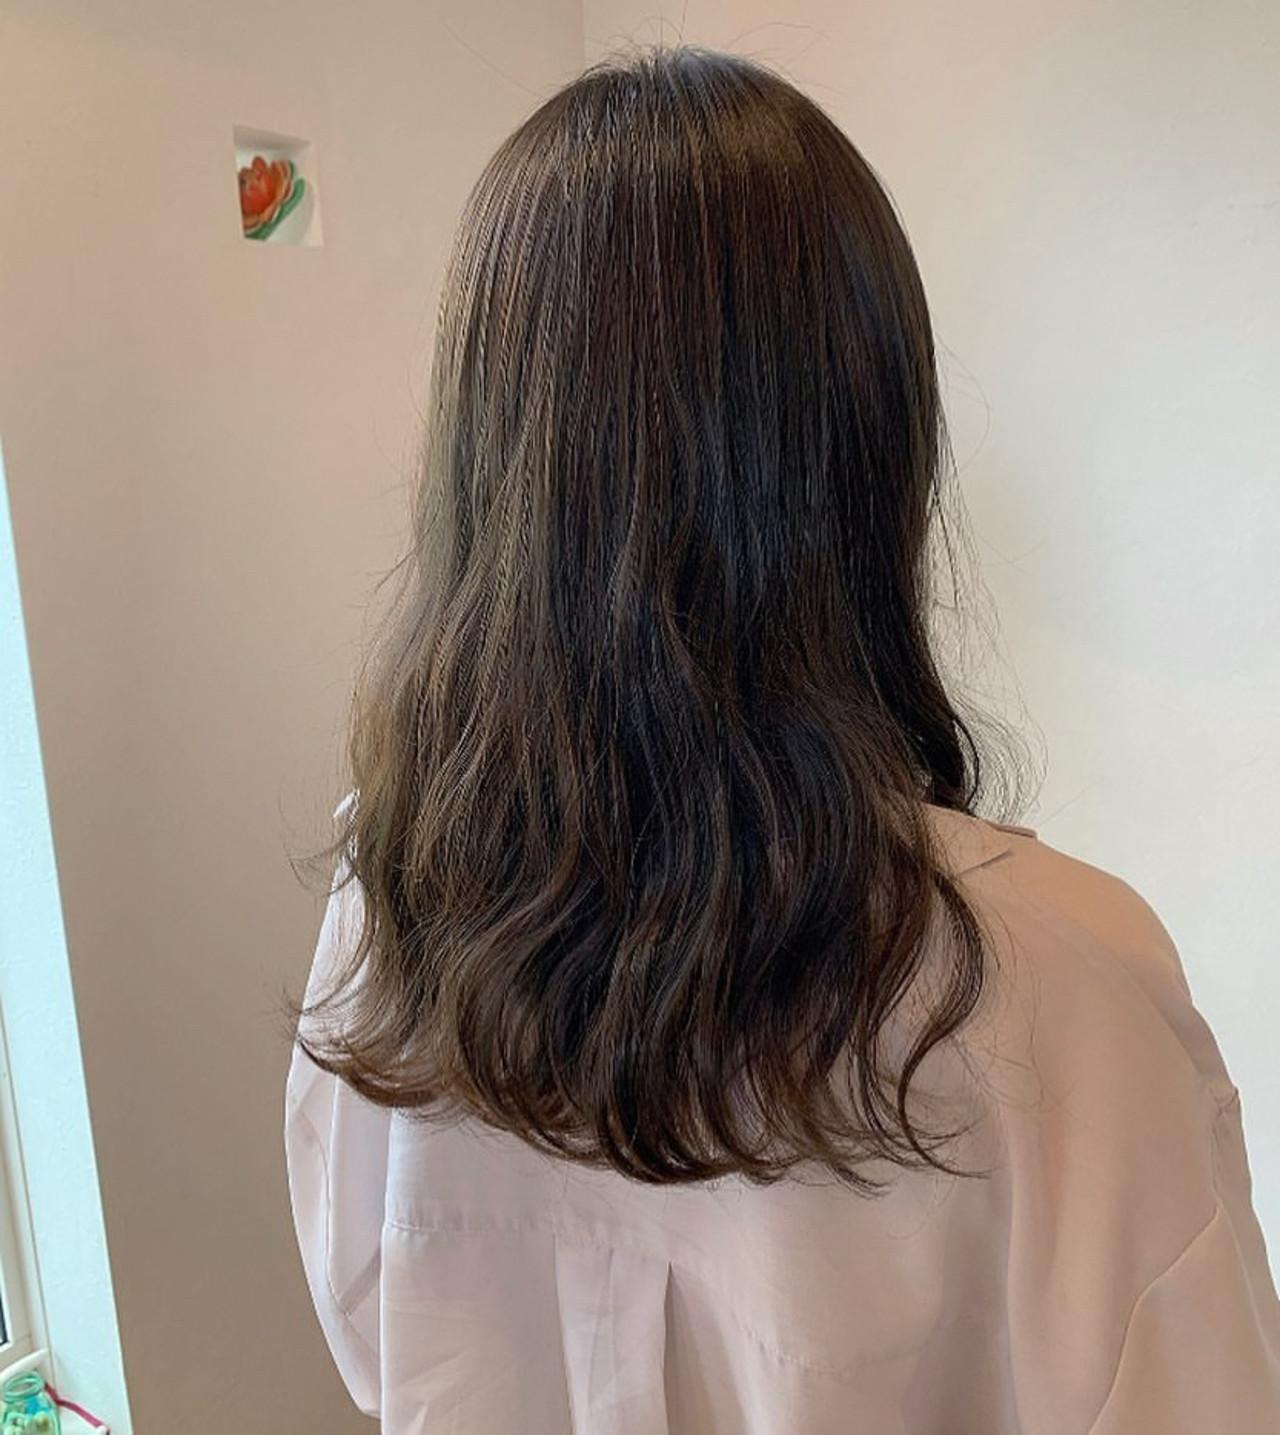 大人かわいい レイヤーロングヘア セミロング マット ヘアスタイルや髪型の写真・画像